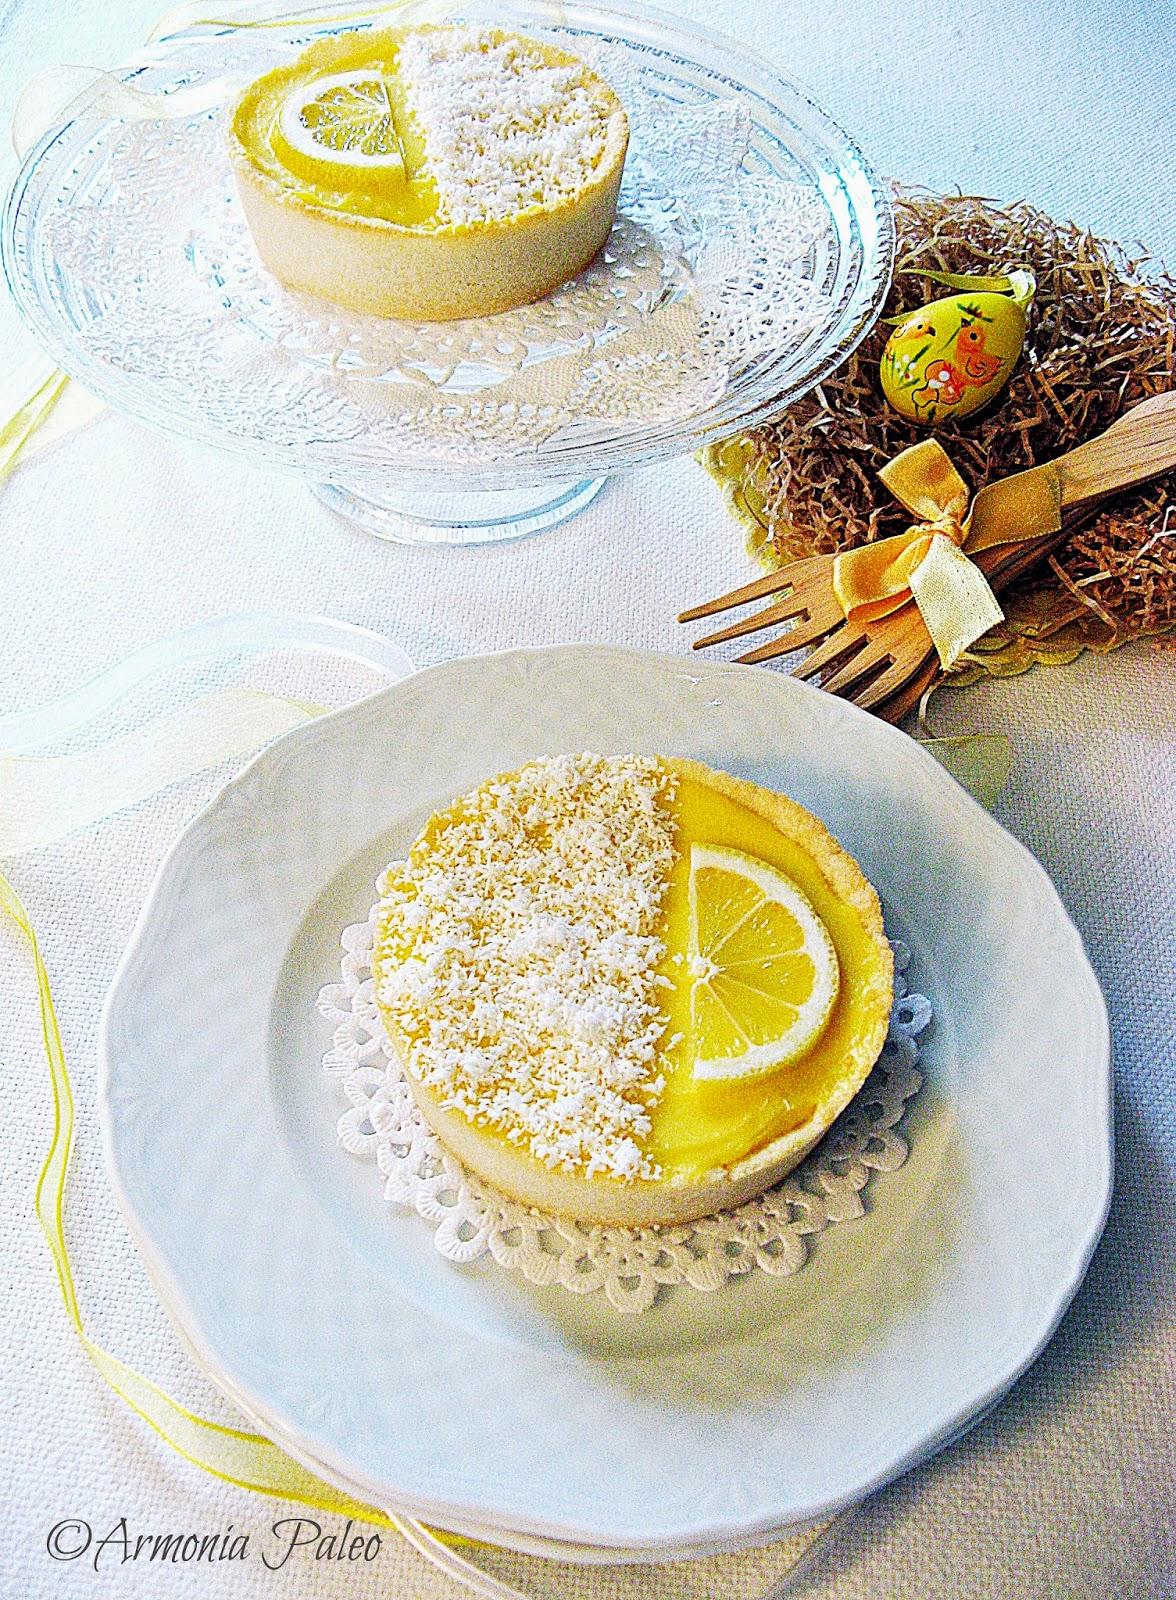 Tartellette alla Crema di Anacardi e Lemon Curd di Armonia Paleo